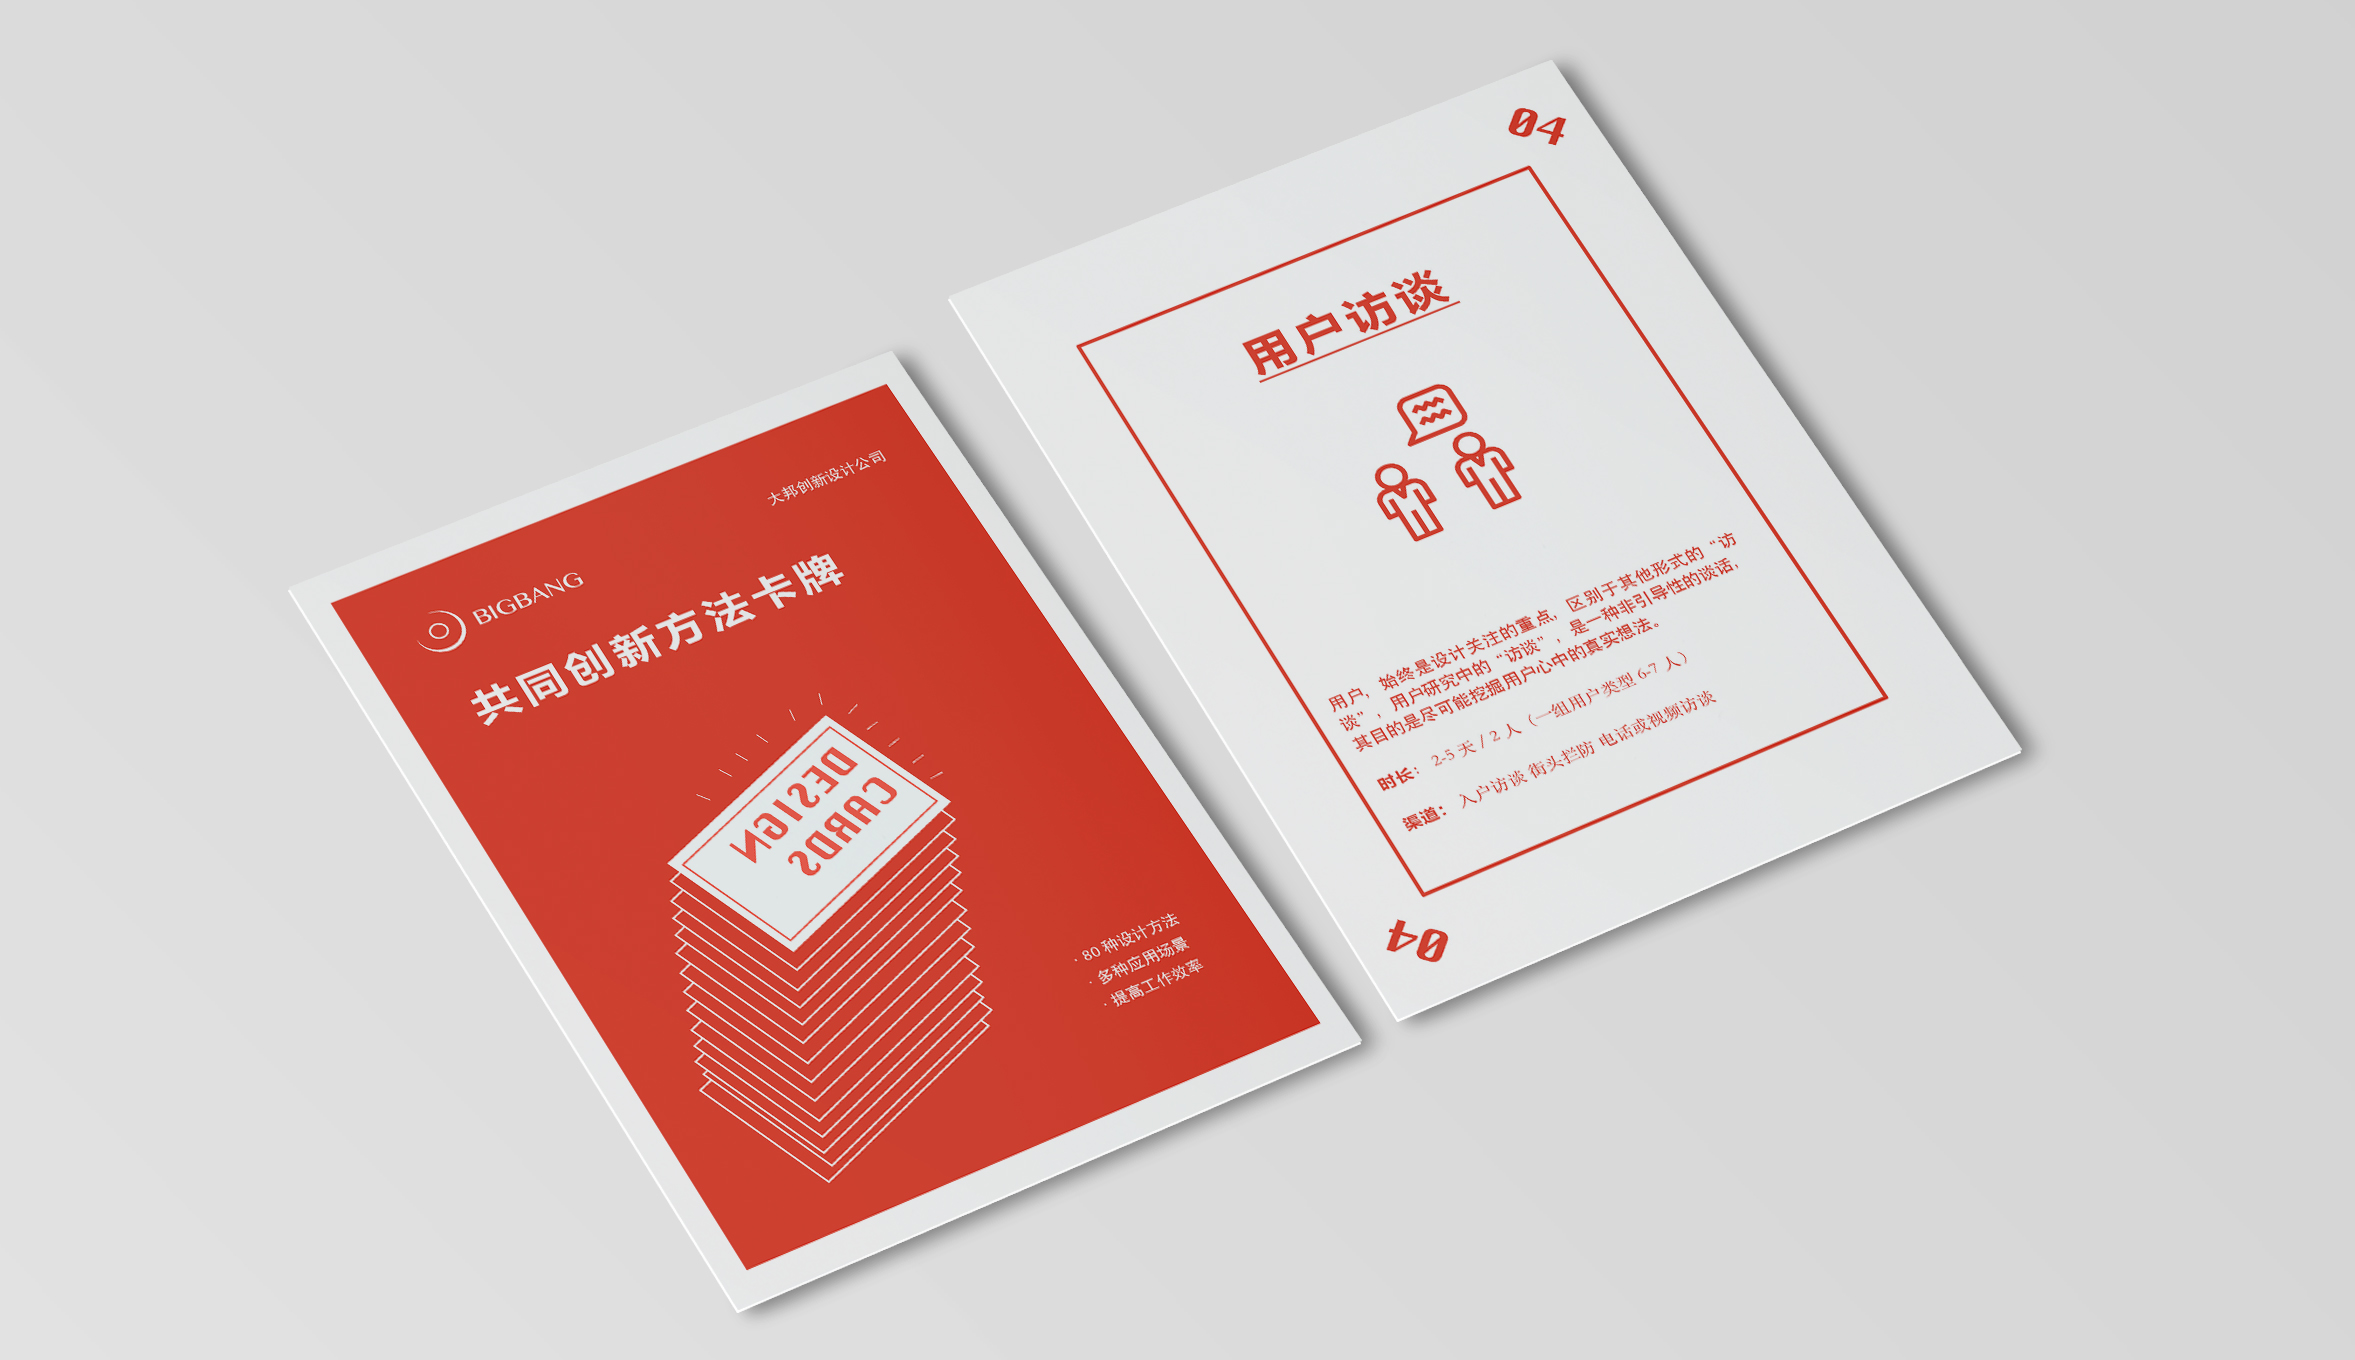 银行金融产品的设计思维和研究方法